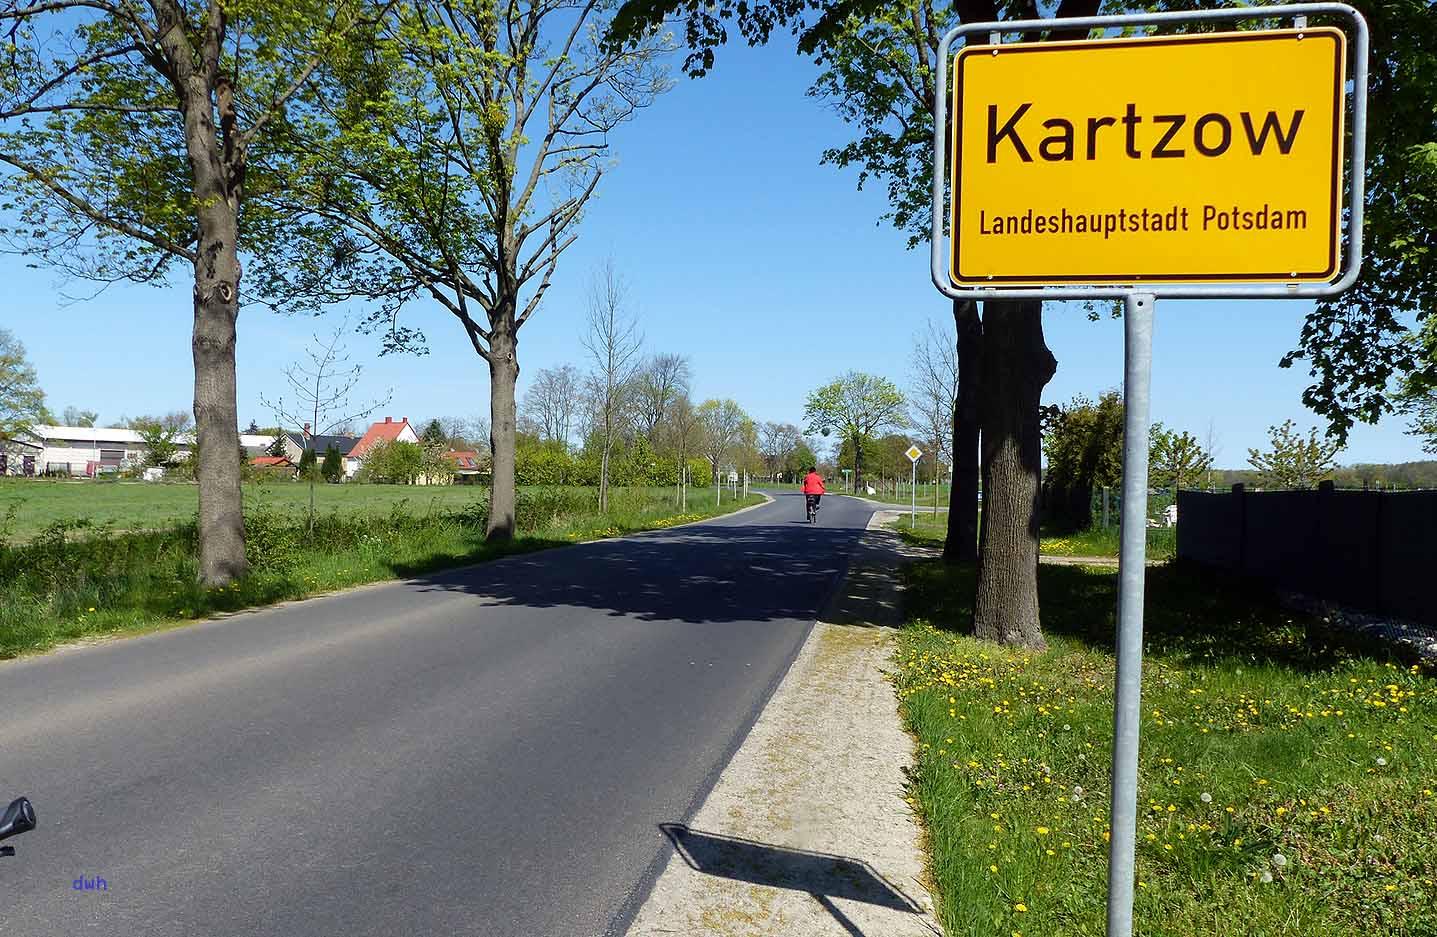 Kartzow, Ortsteil von Potsdam